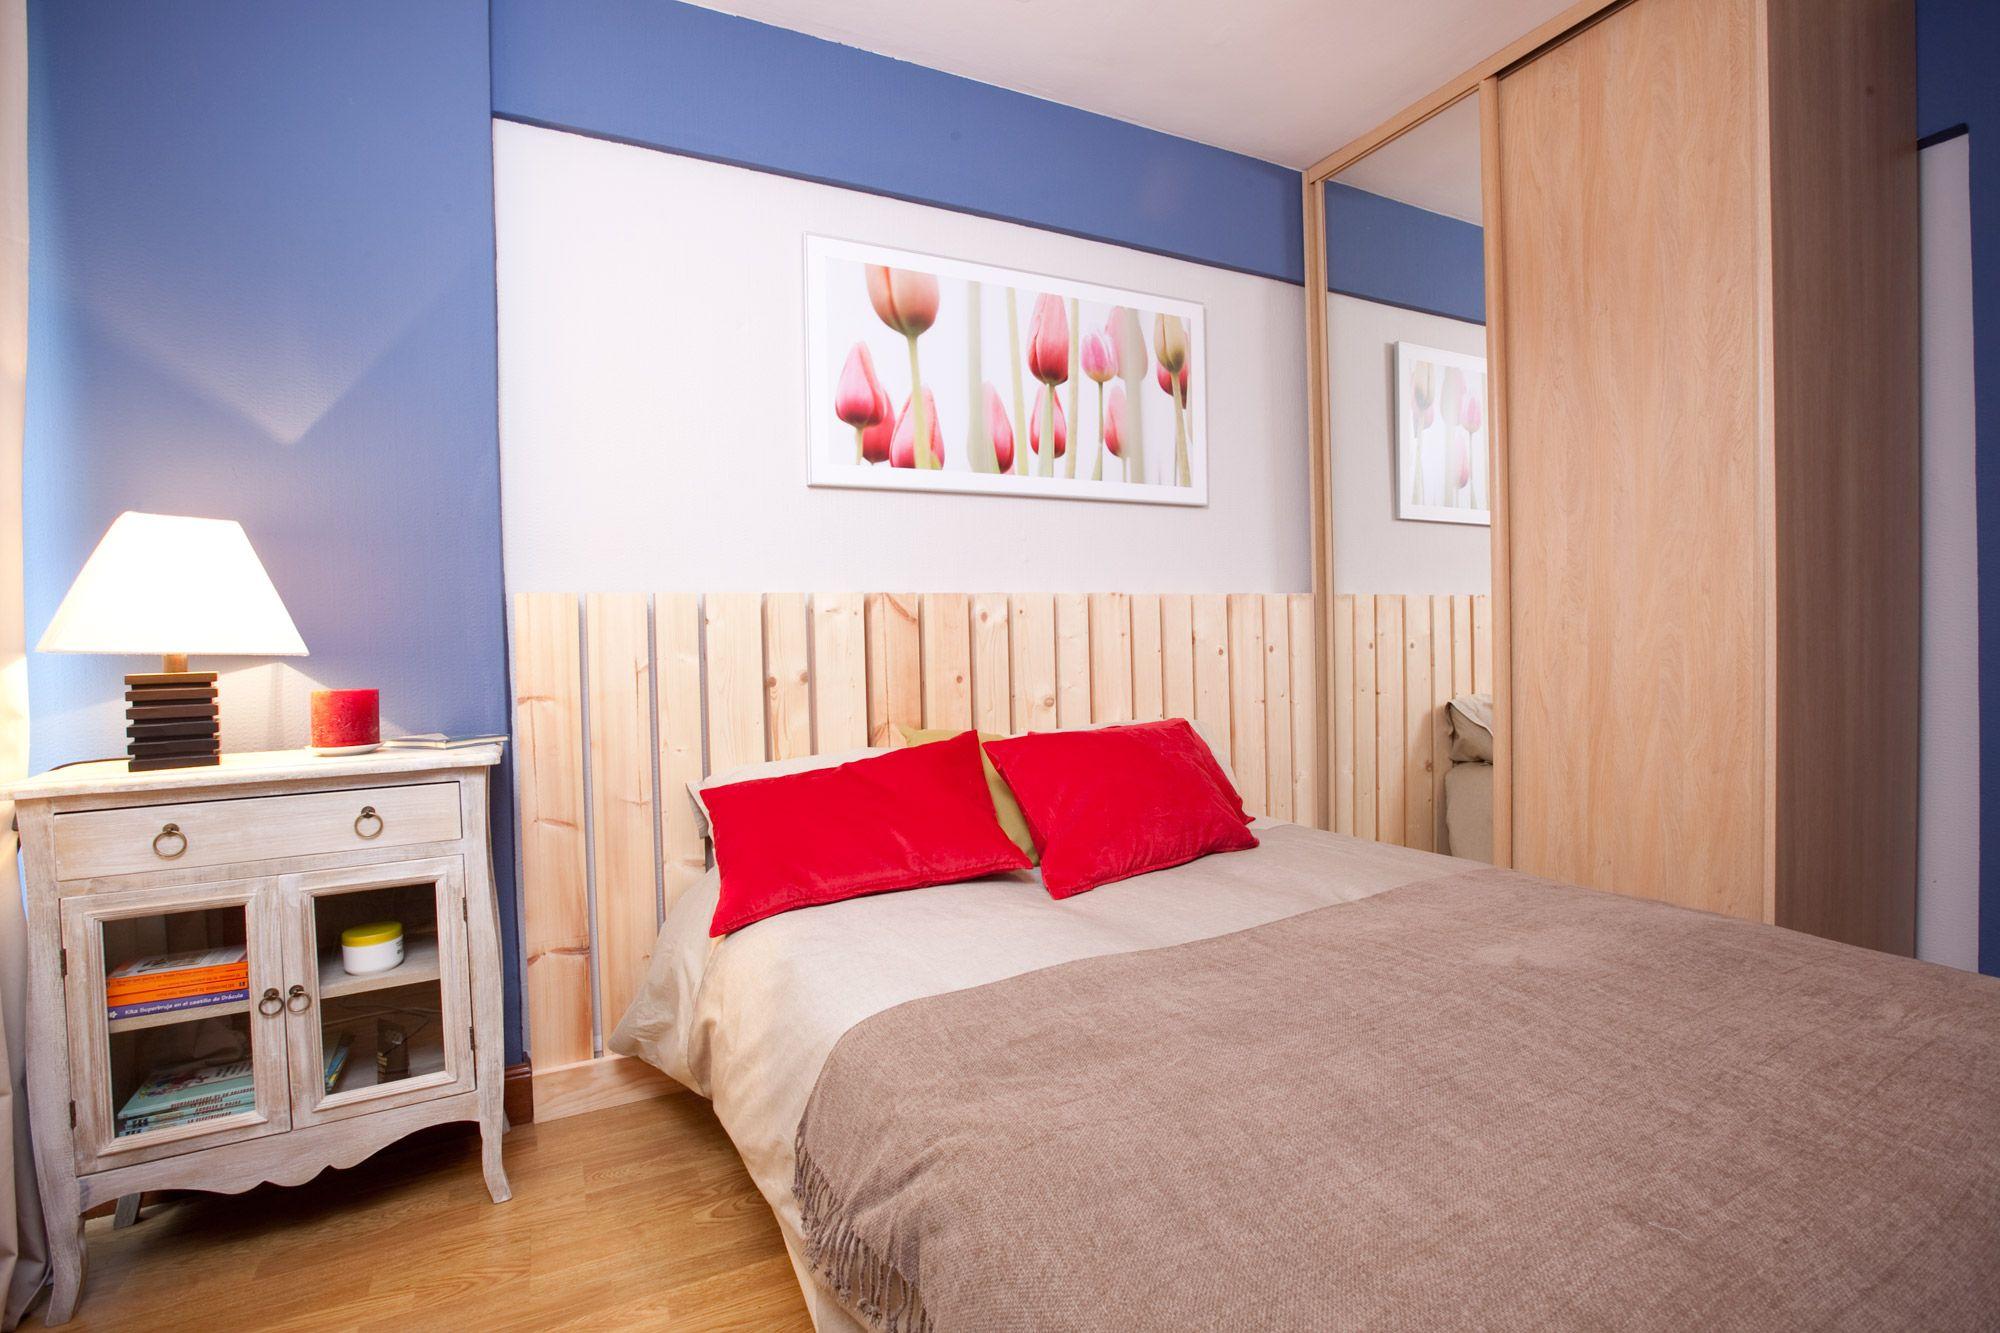 dormitorio fresco primaveral